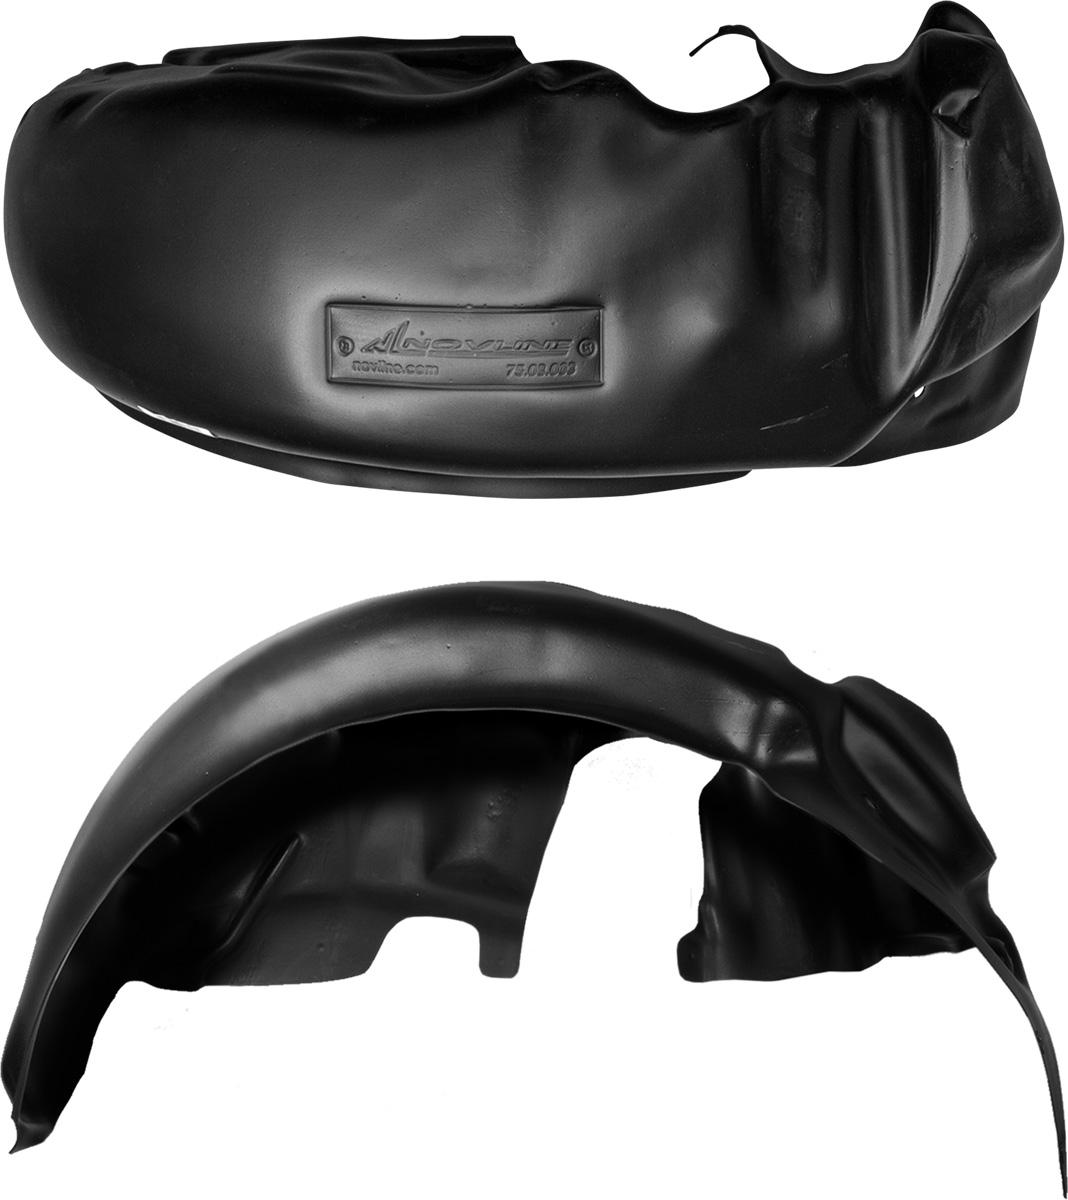 Подкрылок Novline-Autofamily, для Hyundai Solaris, 2014->, седан, задний левыйNLL.20.43.003Колесные ниши - одни из самых уязвимых зон днища вашего автомобиля. Они постоянно подвергаются воздействию со стороны дороги. Лучшая, почти абсолютная защита для них - специально отформованные пластиковые кожухи, которые называются подкрылками. Производятся они как для отечественных моделей автомобилей, так и для иномарок. Подкрылки Novline-Autofamily выполнены из высококачественного, экологически чистого пластика. Обеспечивают надежную защиту кузова автомобиля от пескоструйного эффекта и негативного влияния, агрессивных антигололедных реагентов. Пластик обладает более низкой теплопроводностью, чем металл, поэтому в зимний период эксплуатации использование пластиковых подкрылков позволяет лучше защитить колесные ниши от налипания снега и образования наледи. Оригинальность конструкции подчеркивает элегантность автомобиля, бережно защищает нанесенное на днище кузова антикоррозийное покрытие и позволяет осуществить крепление подкрылков внутри колесной арки практически без...